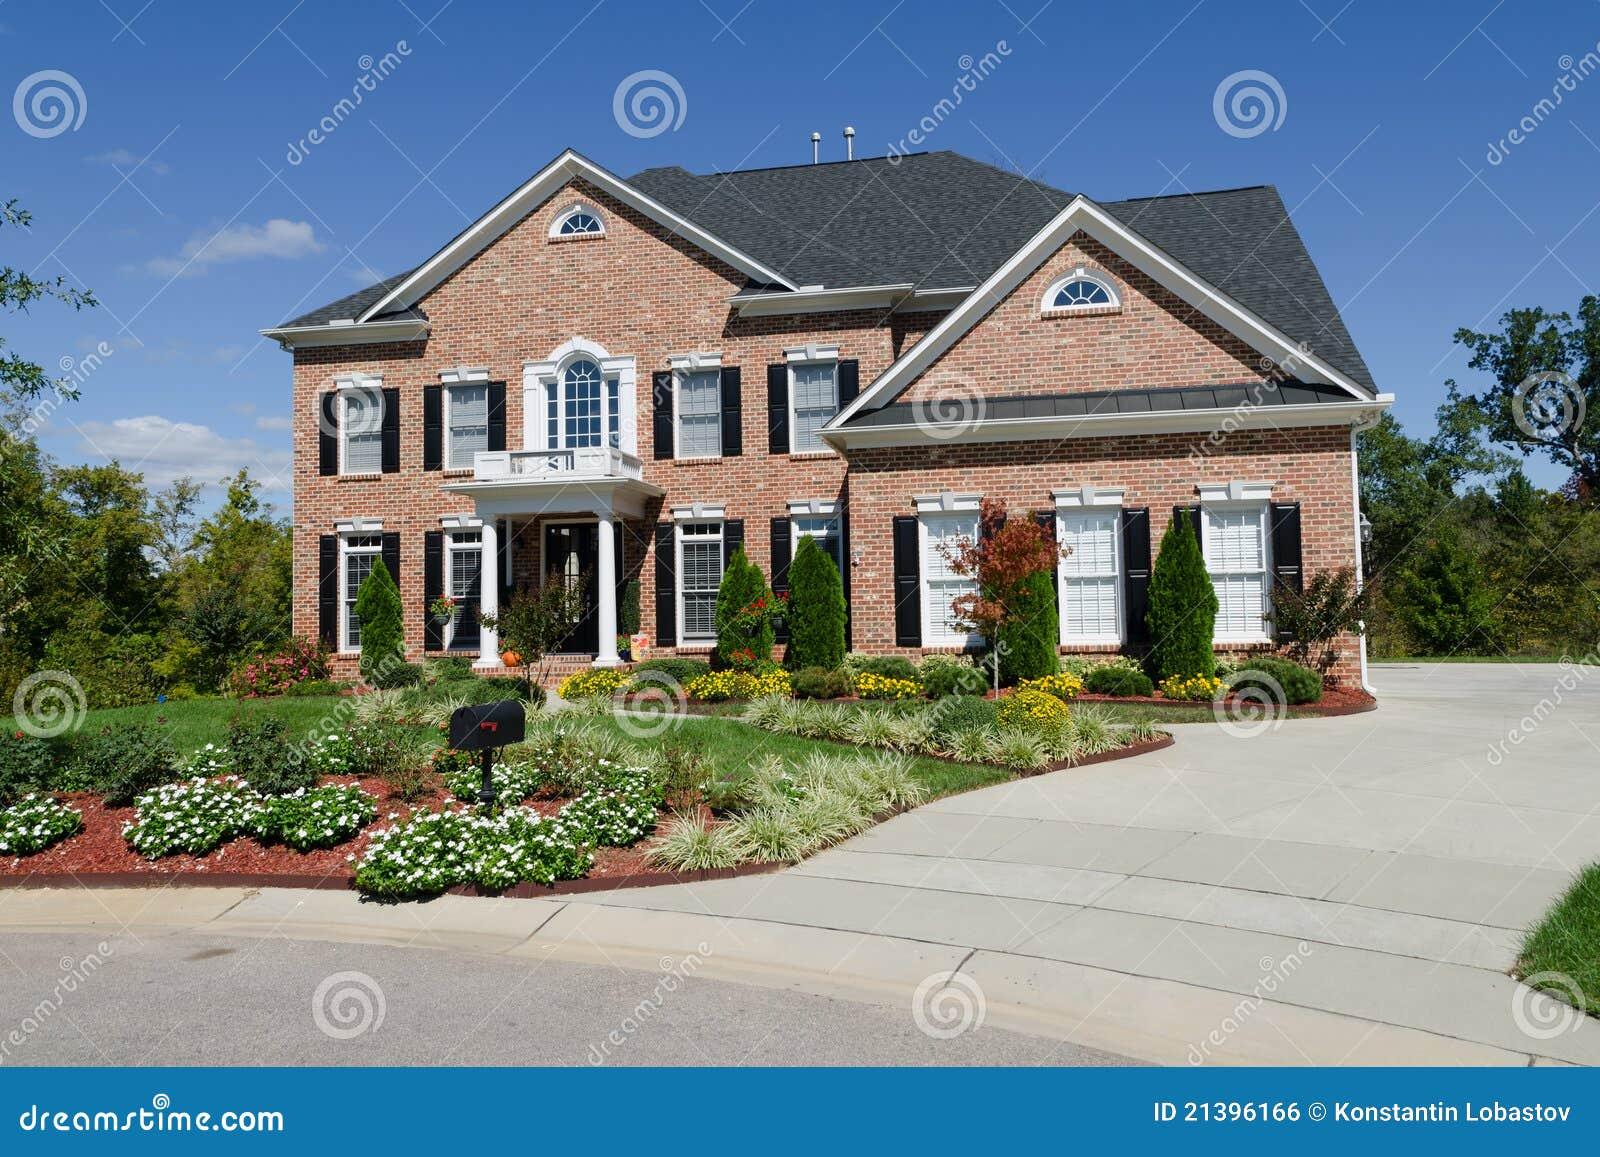 Groot amerikaans huis stock foto afbeelding bestaande uit architectuur 21396166 - Huis buitenkant ...